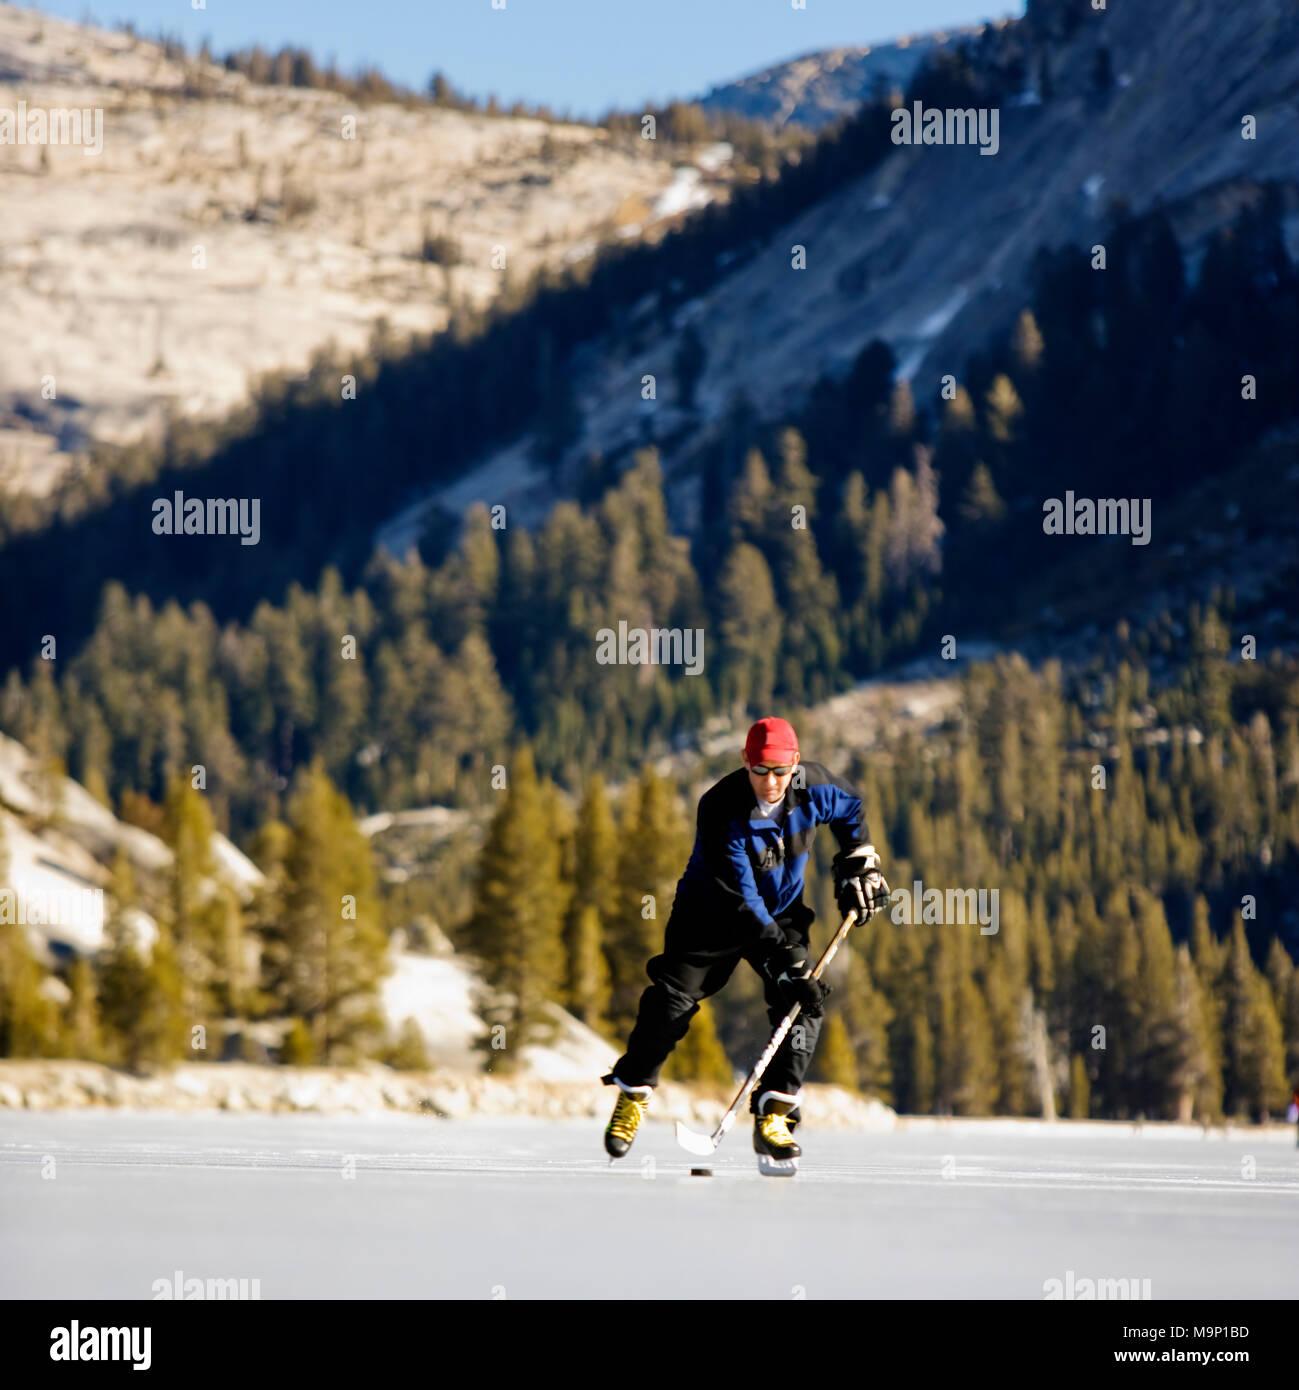 Low angle vue de face d'un patineur sur glace jouer au hockey sur glace sur une neige, Lac Tenaya gelés dans le Parc National Yosemite. Photo Stock